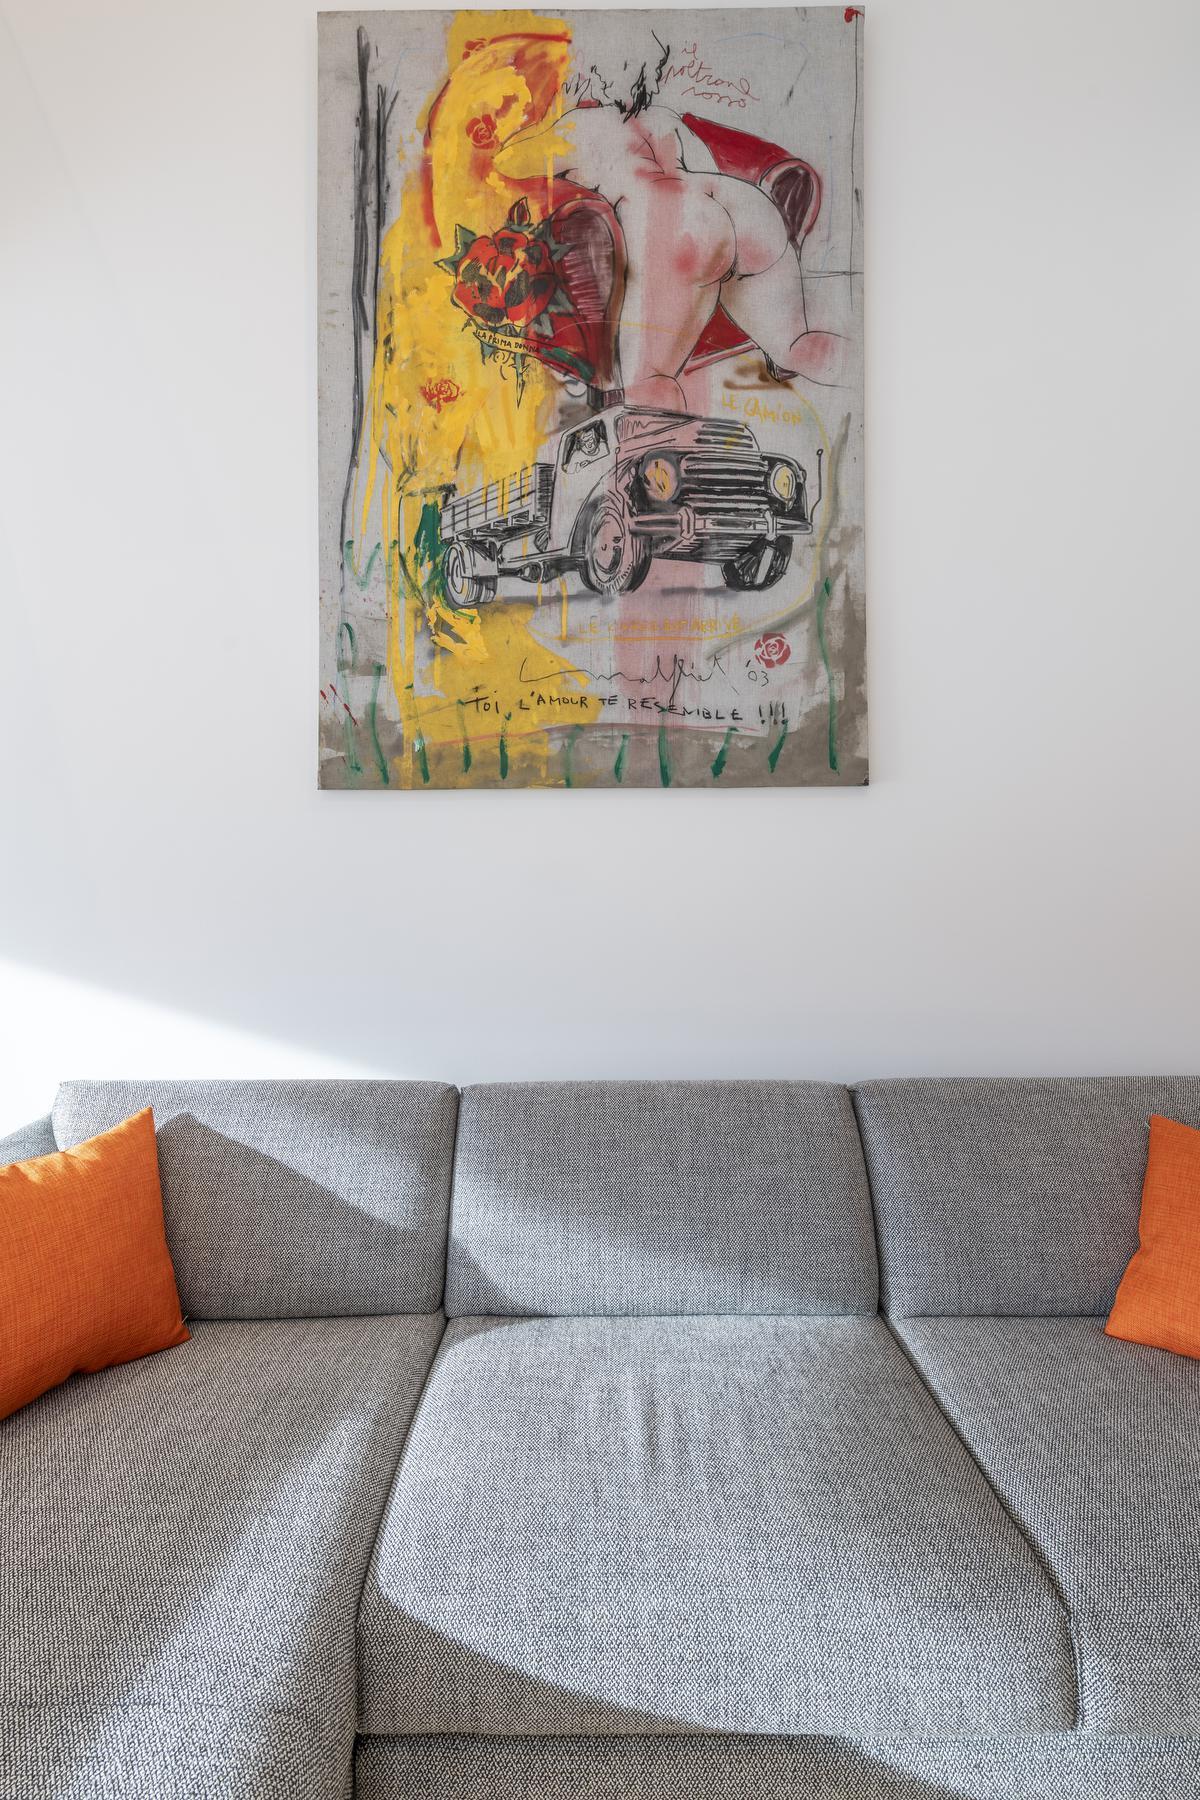 Kunst in bruikleen aan de muur in de woonkamer.©Pieter Clicteur